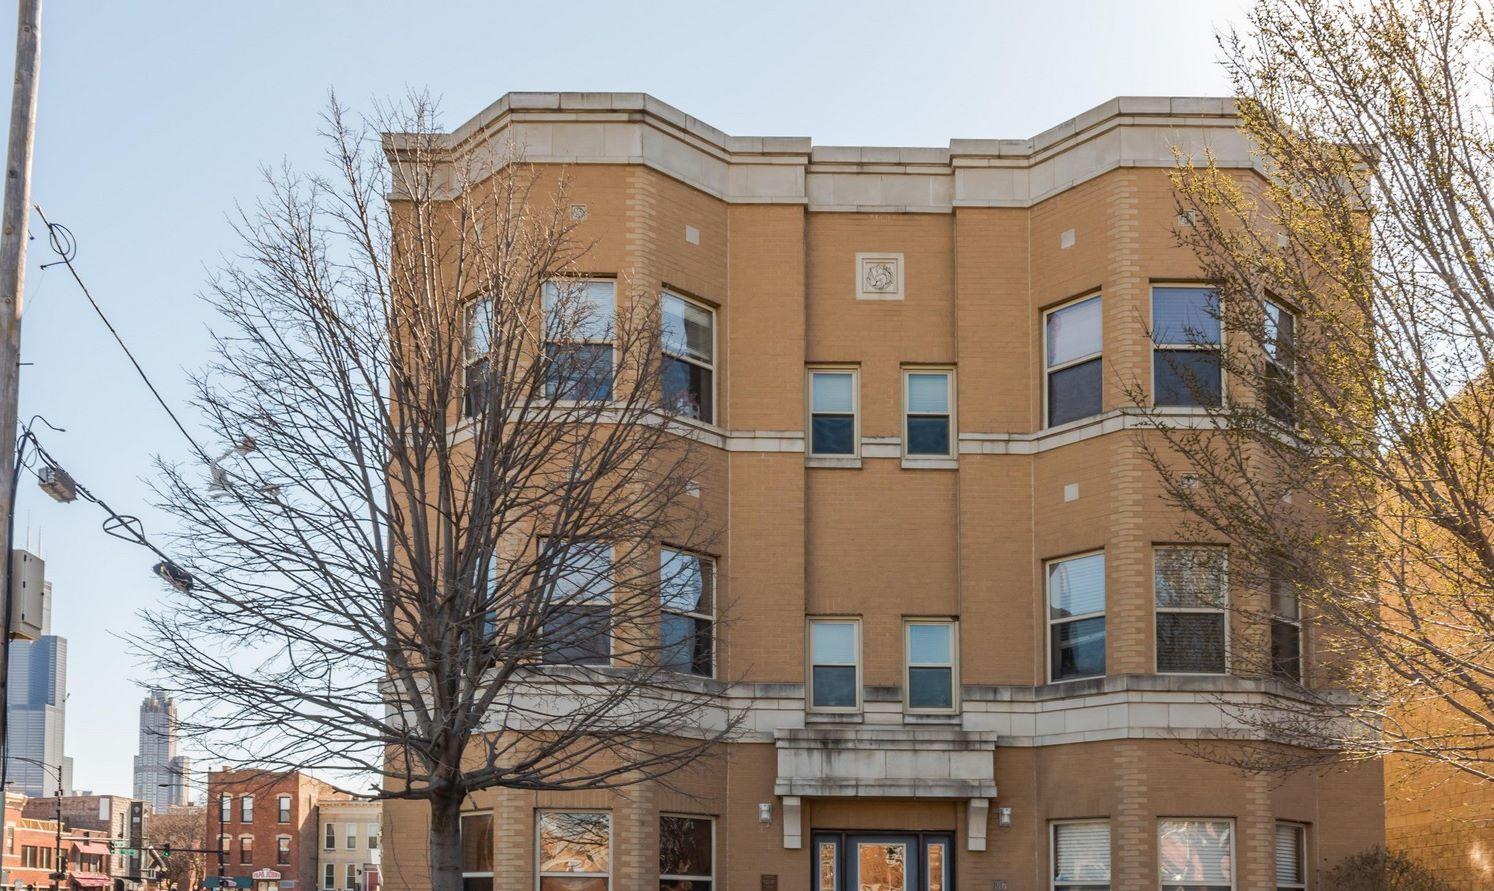 양면 인쇄 용 매매 에 Little Italy Duplex 1017 S Lytle Street Unit 302 Near West Side, Chicago, 일리노이즈, 60607 미국